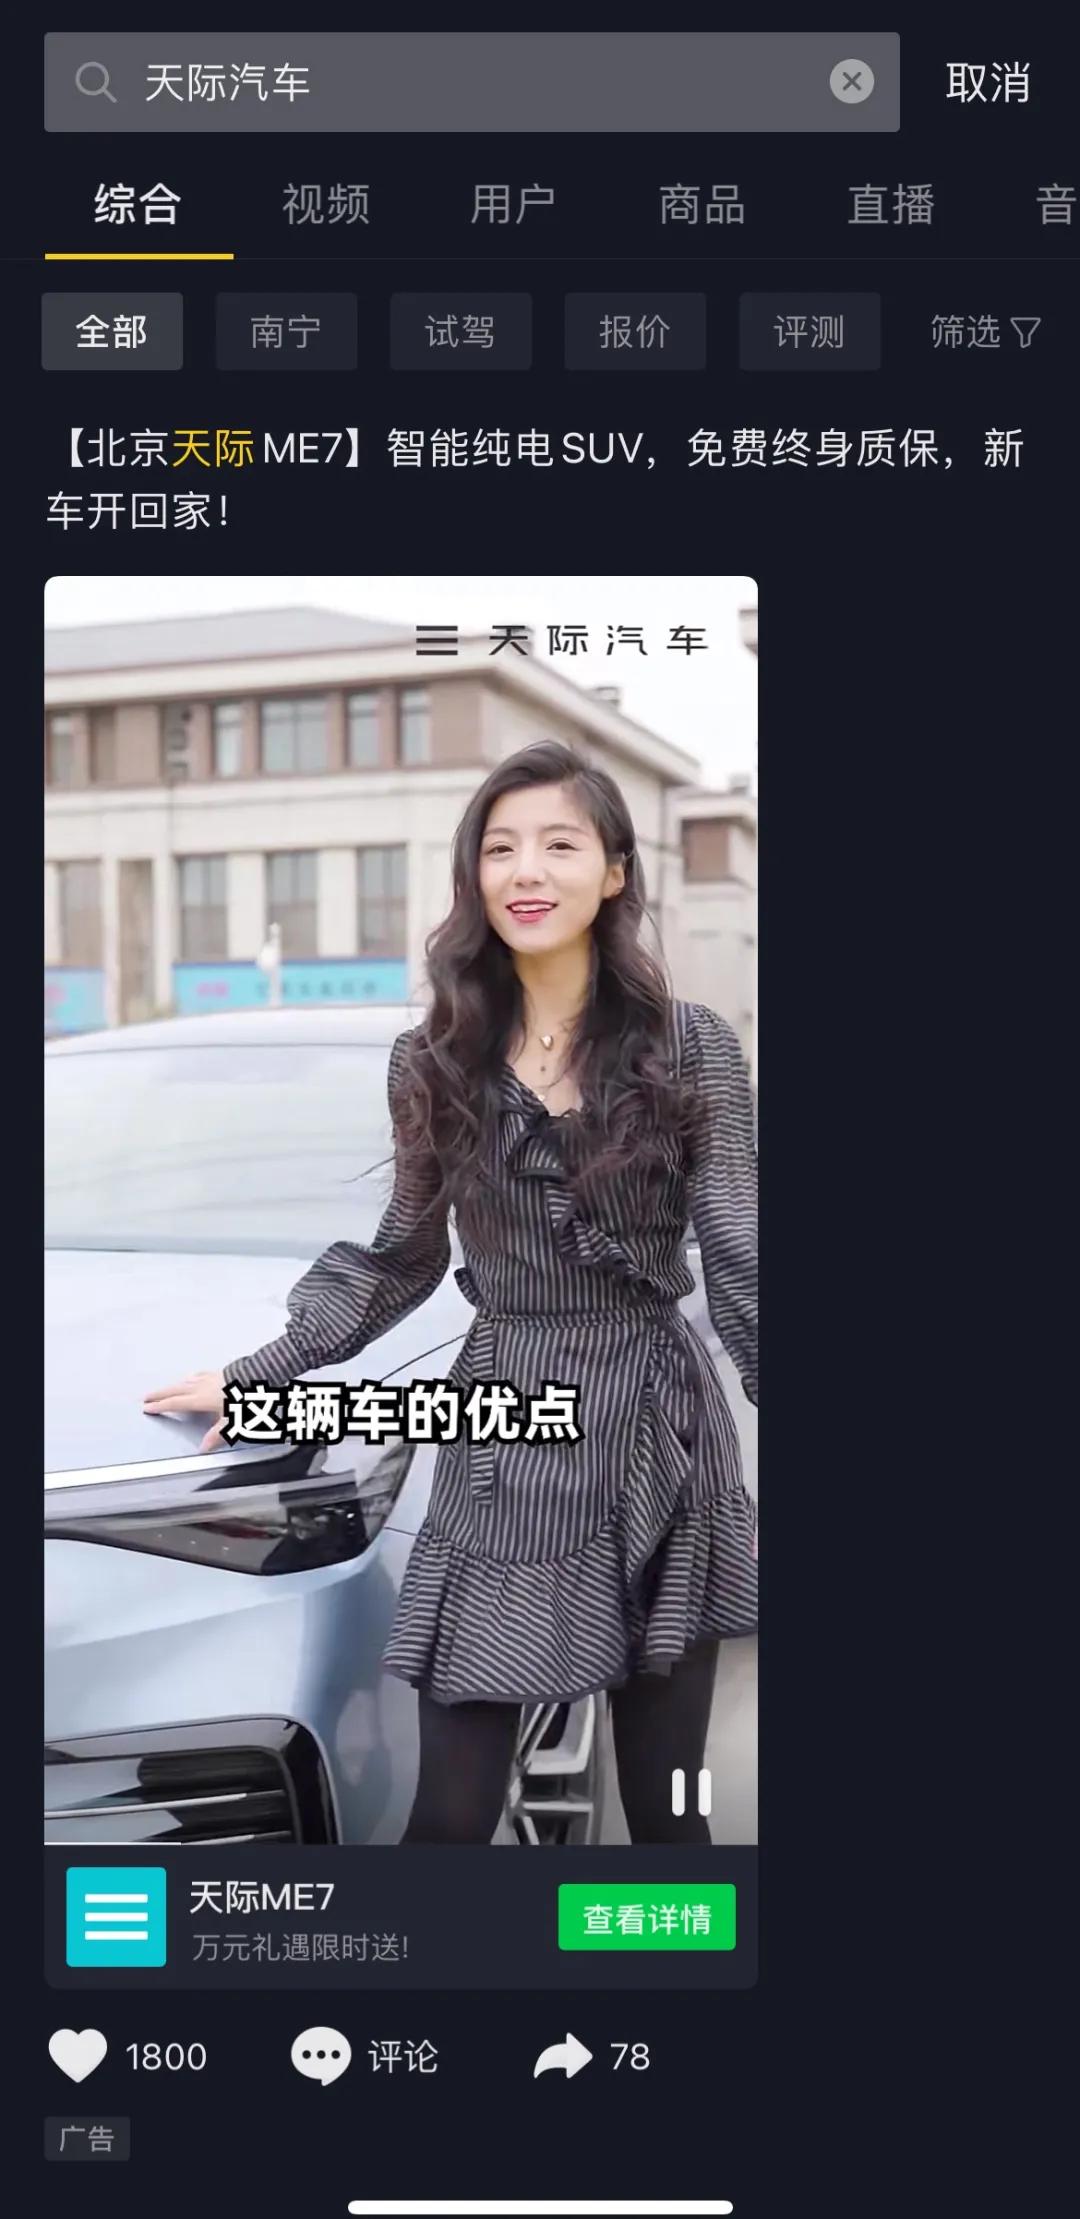 音乐+社交联动,天际汽车携手《为歌而赞》突破营销边界